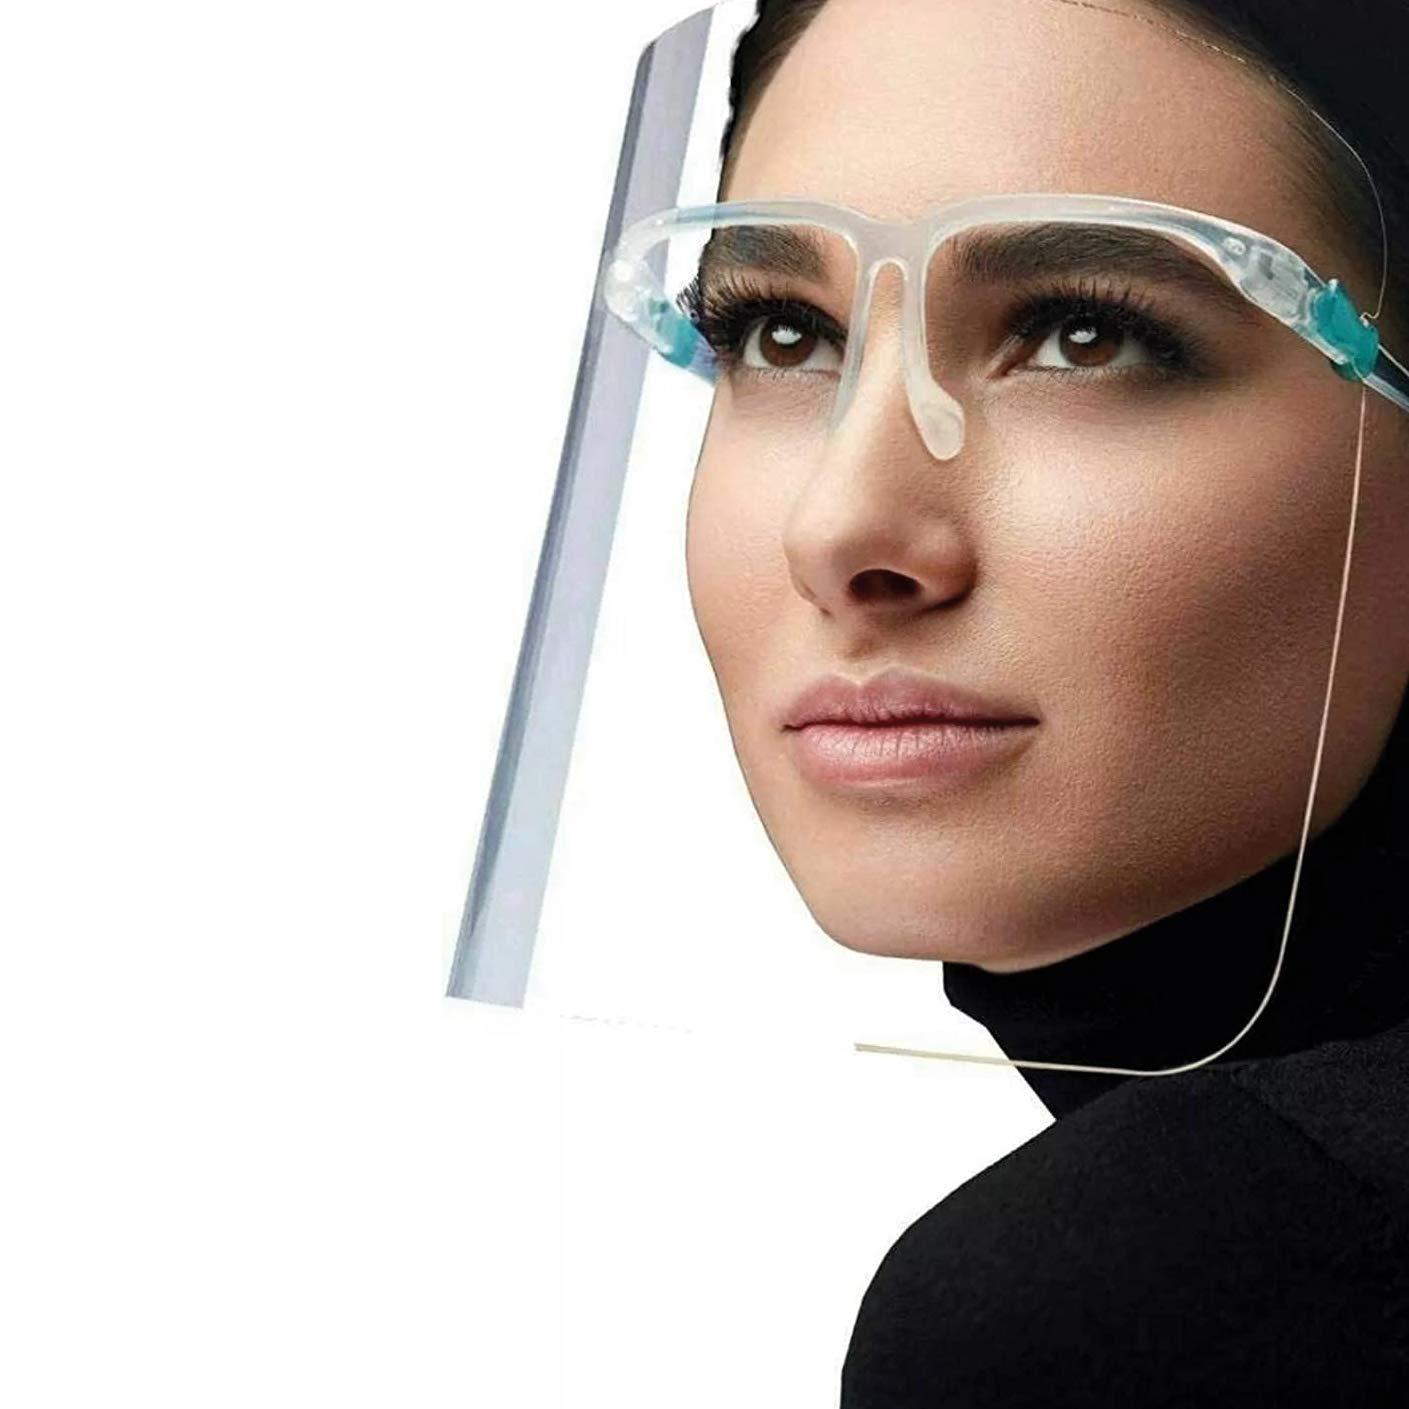 Keplin 10x Visors with Glasses